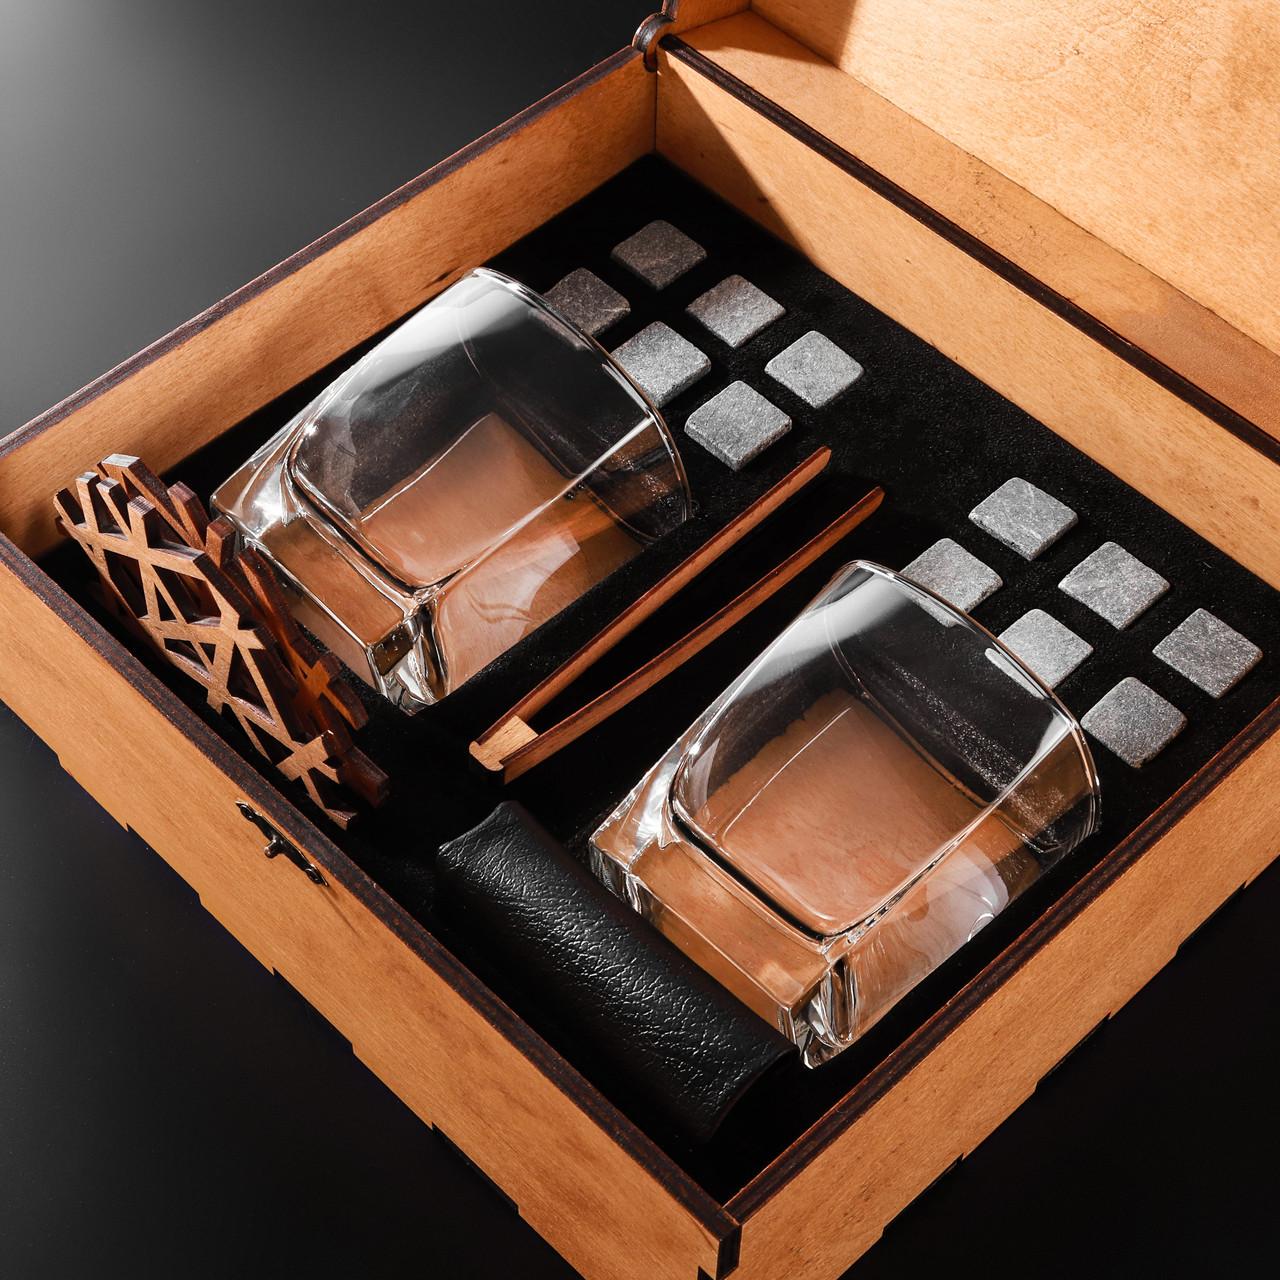 Камни для виски подарочный деревянный набор с бокалами. Кубики для охлаждения виски Светлая коробка + 2 шт Бокала Sterling 300 мл